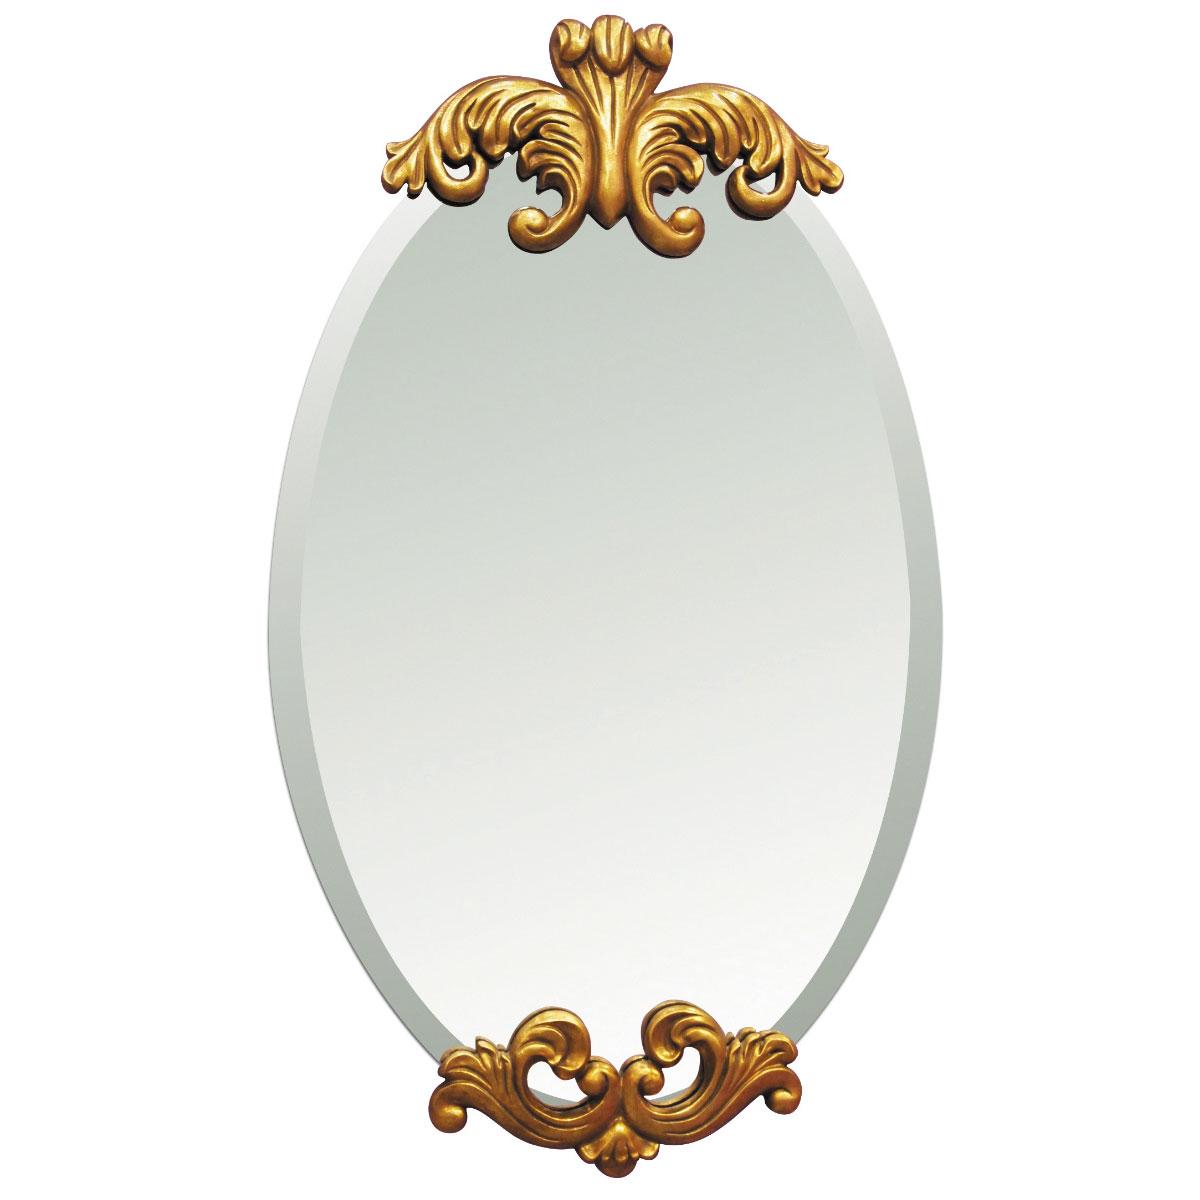 ウォールミラー プラド 壁掛け 鏡【代引き不可】